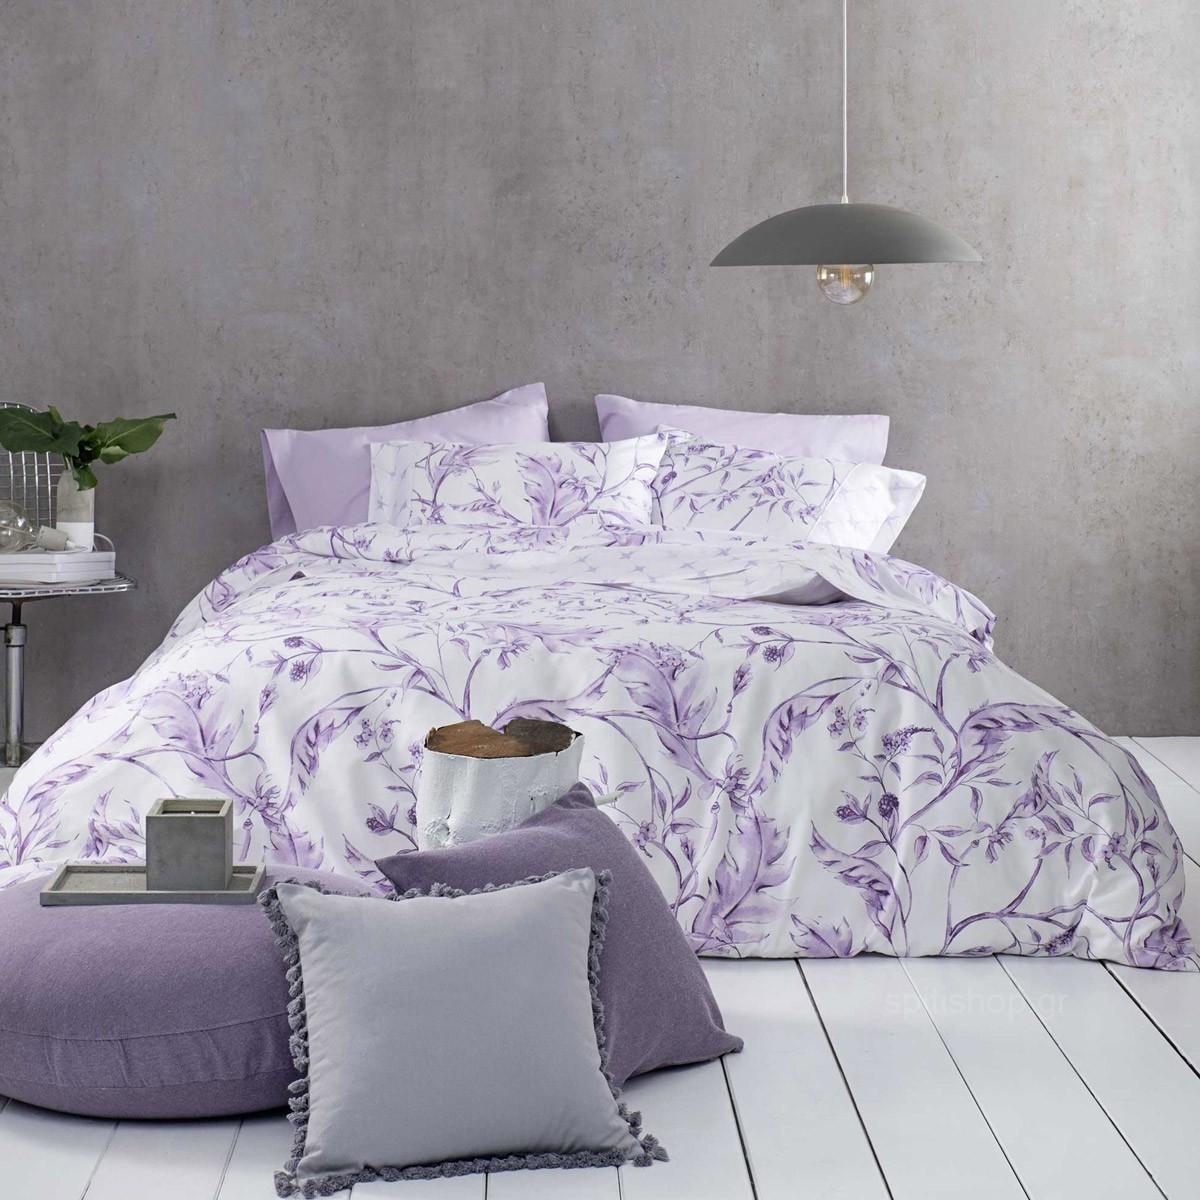 Κουβερλί Υπέρδιπλο Nima Bed Linen Oriana Pink